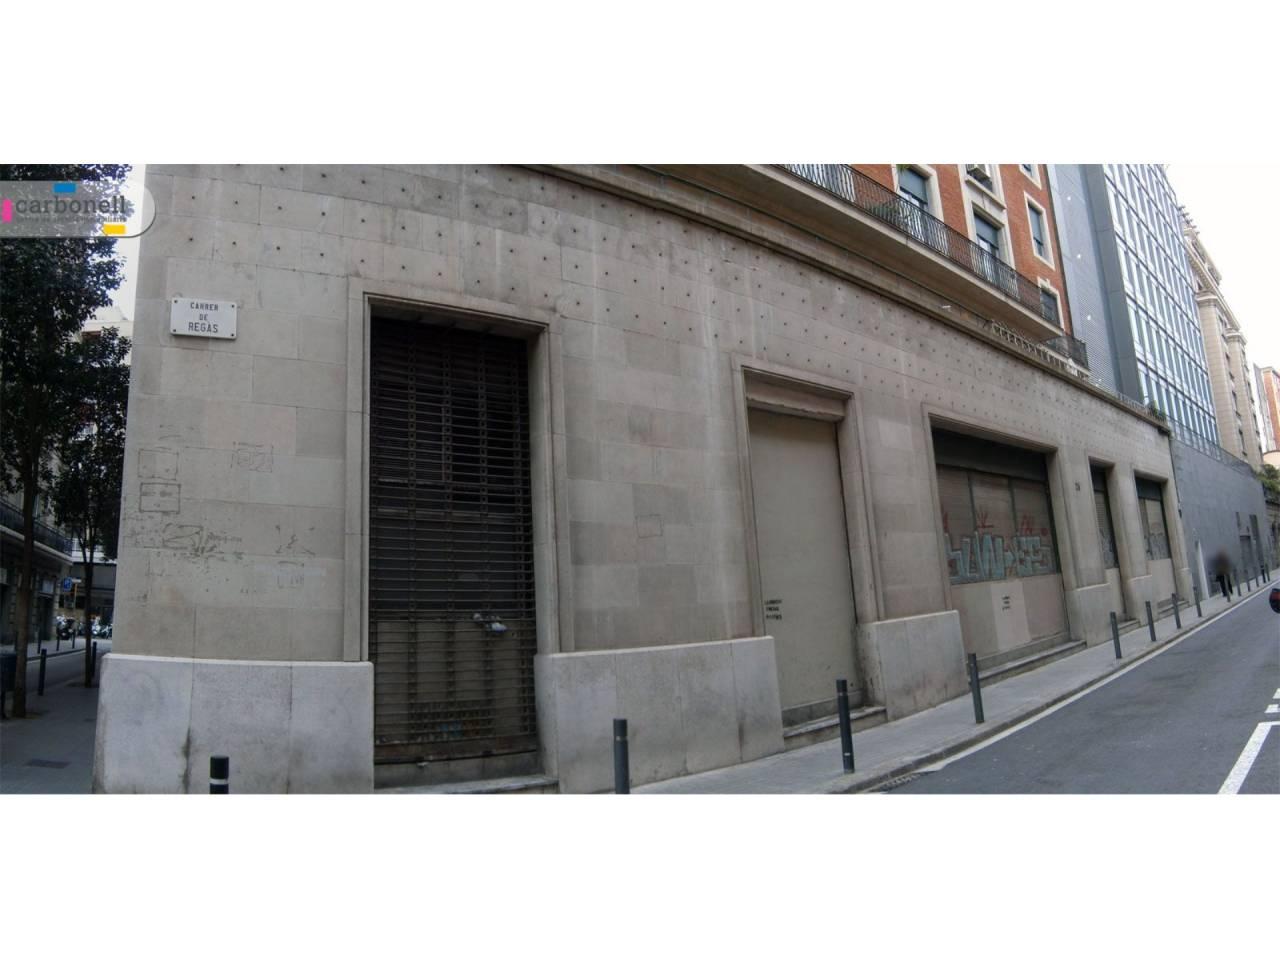 Local comercial a lloguer Sant Gervasi-Galvany (Barcelona Capital)